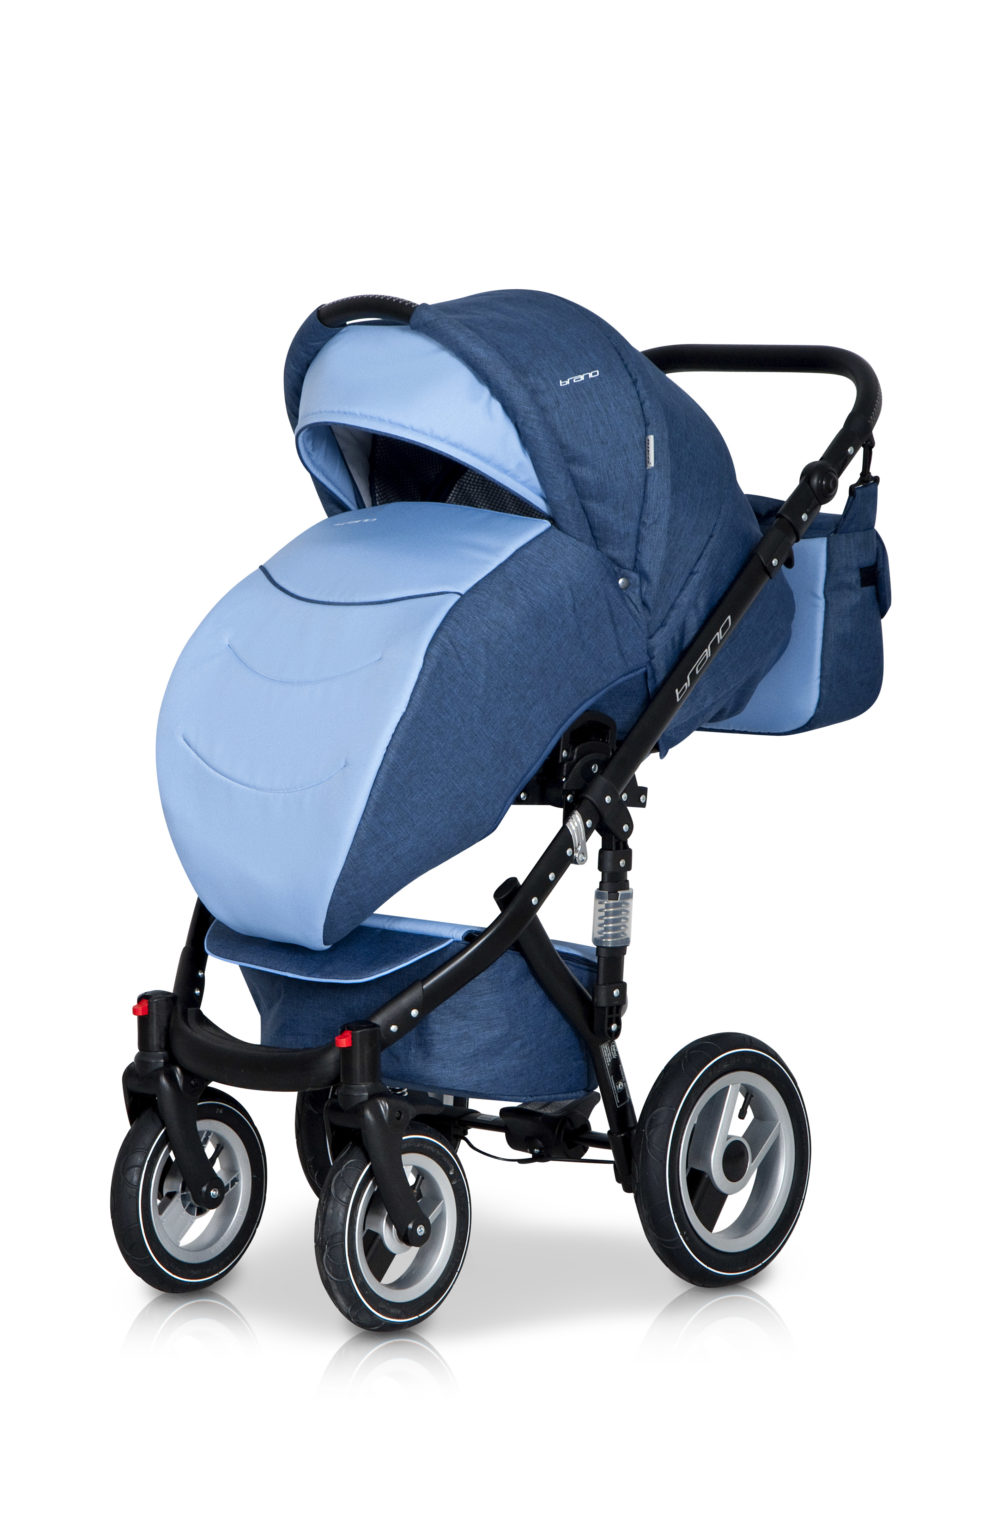 Детская коляска Riko Brano 2 в 1 (Синий/голубой)